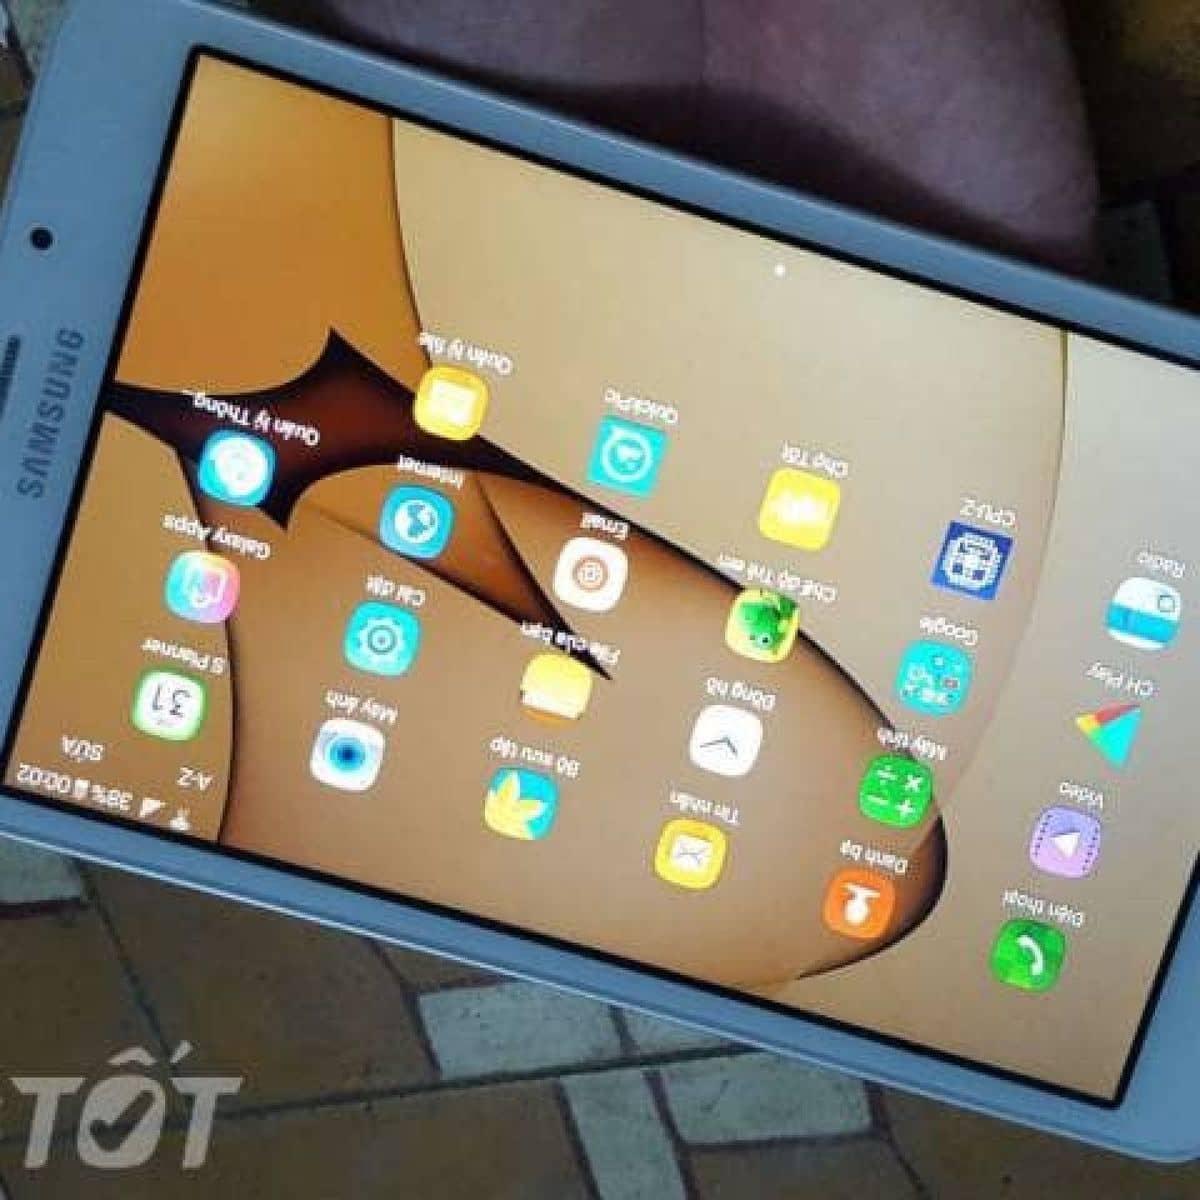 Samsung Galaxy Tab A 2016 T285 Long Lanh Lung Linh Ti Ca Hng In T 0 Lan Nh Lozi